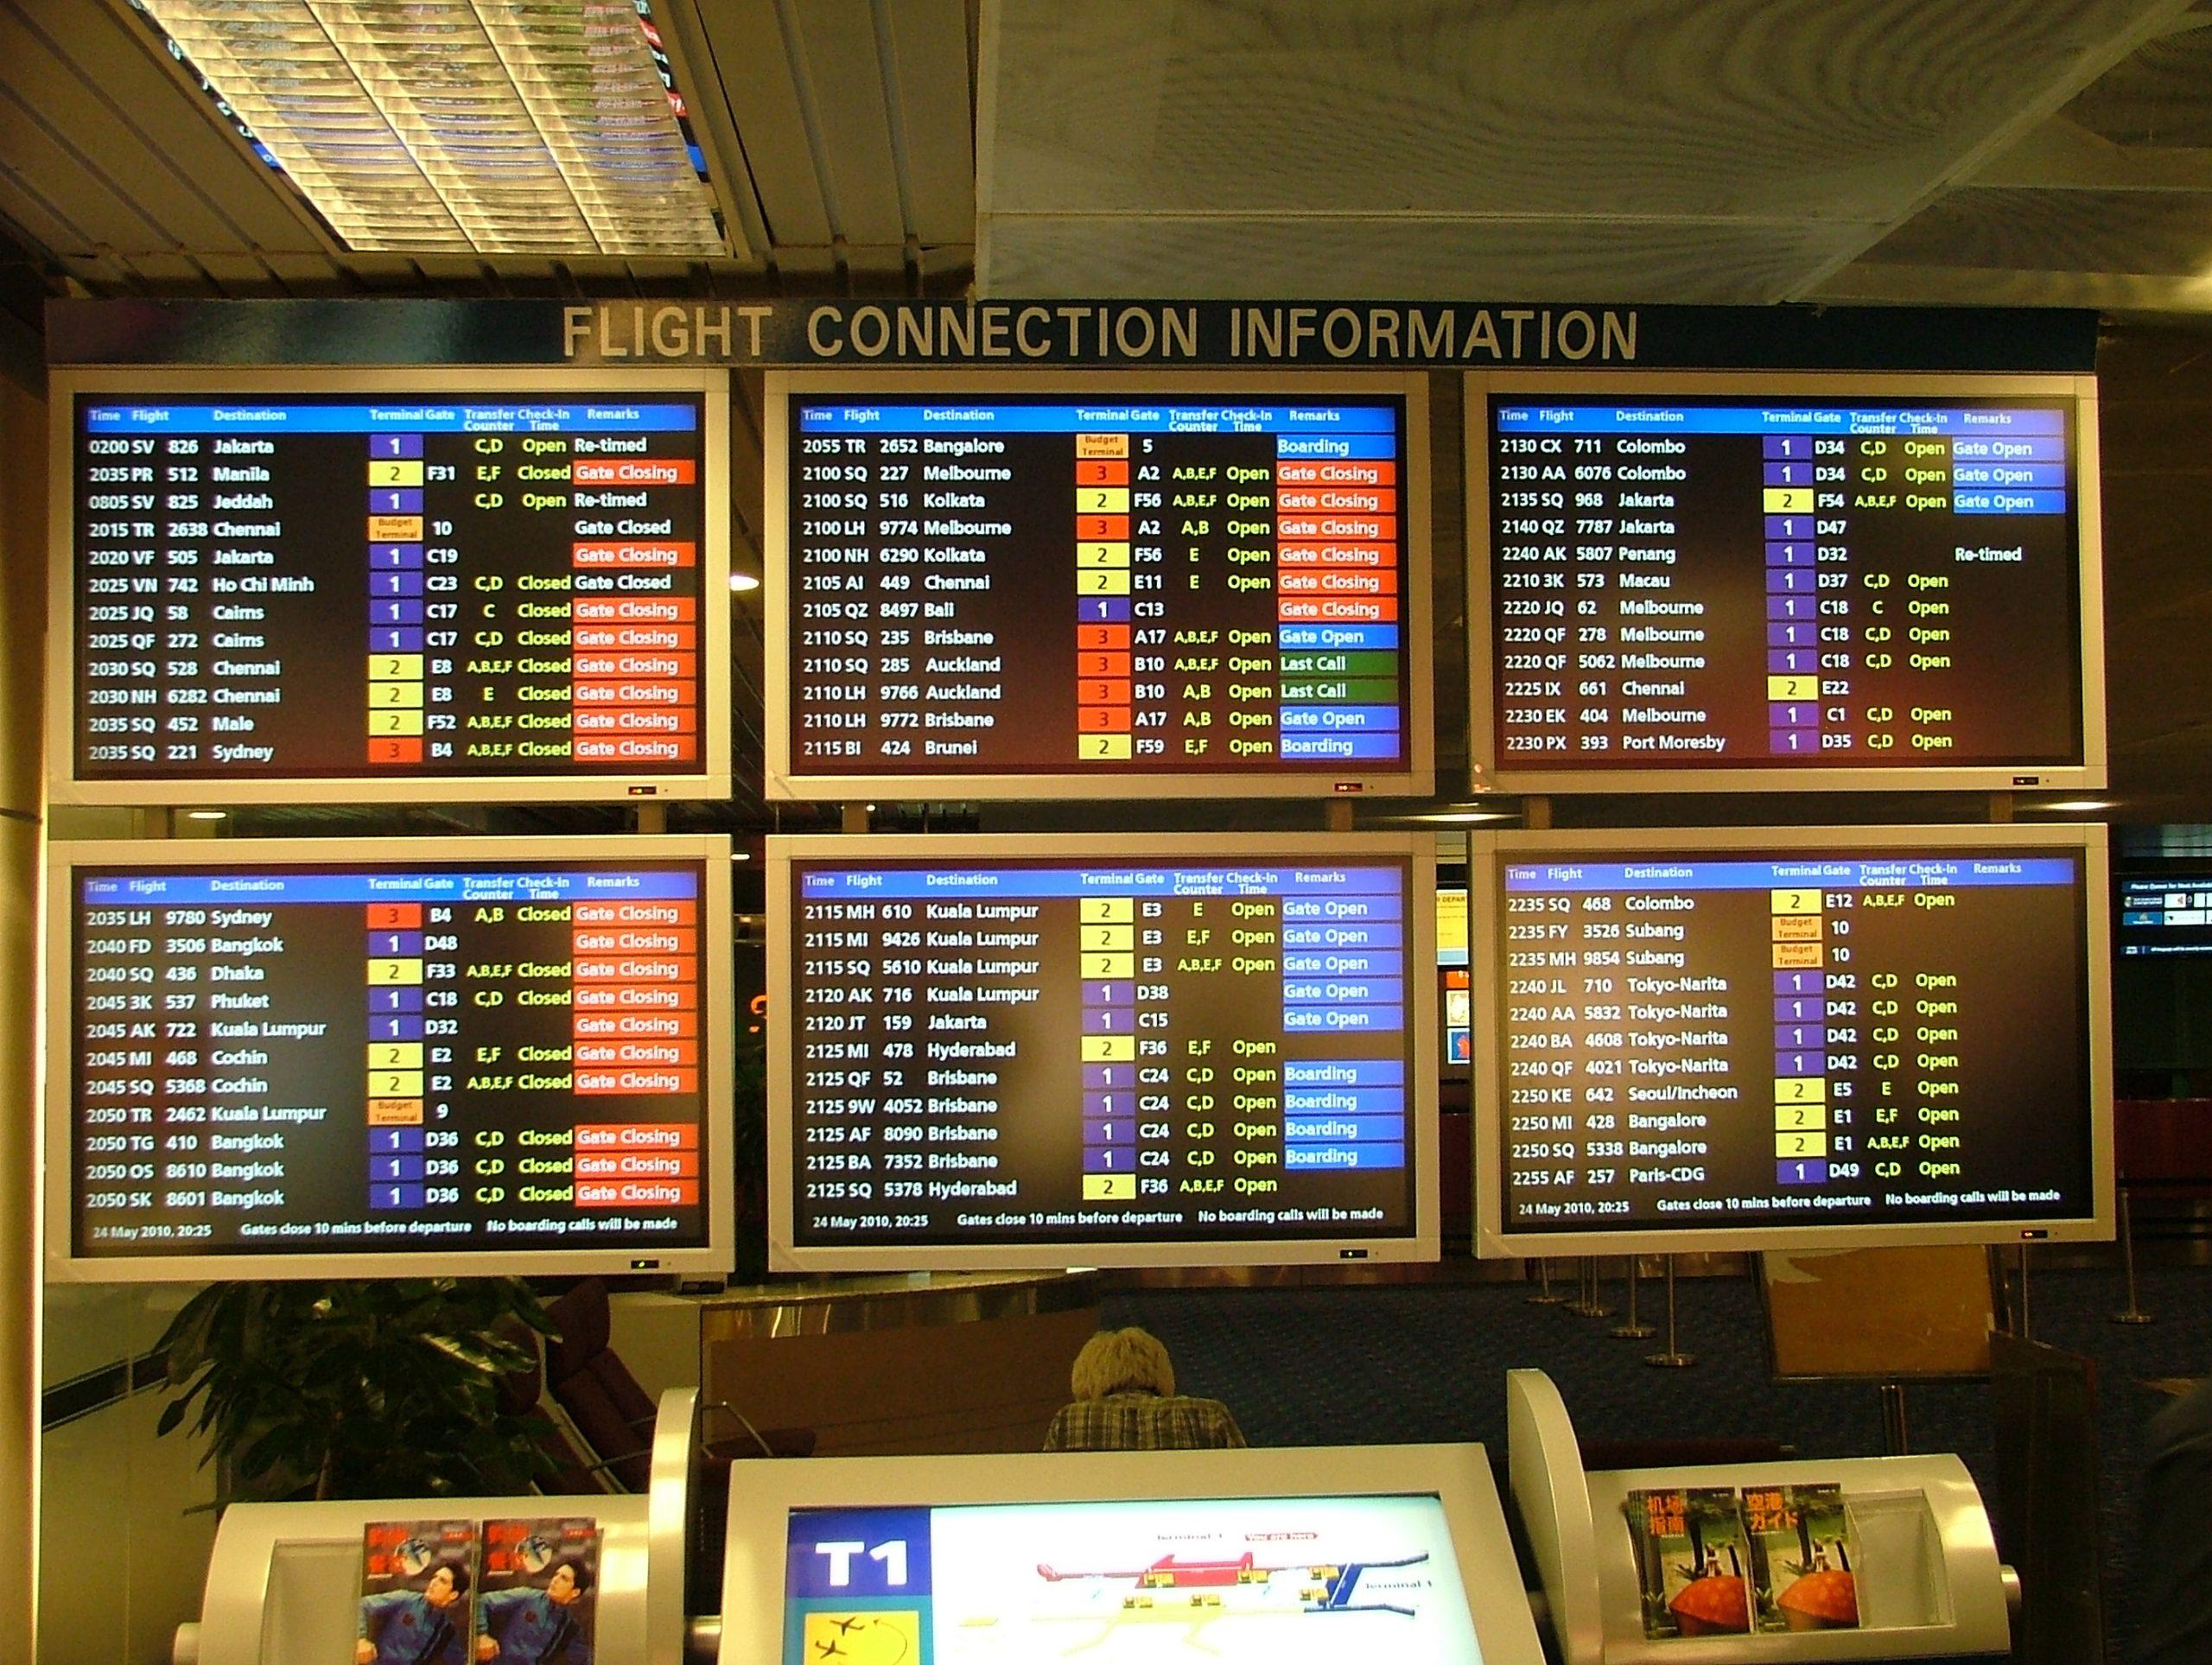 Efter sommerferien vil blandt andet erhvervsrejsebureauerne kunne se, hvor stor efterspørgslen er på flybilletter. Arkivfoto: Henrik Baumgarten.